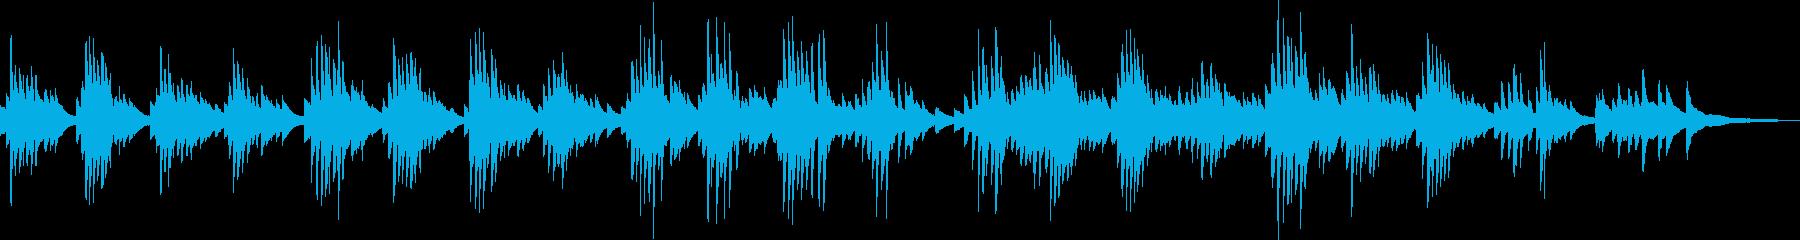 切ないピアノバラード(哀愁・都会)の再生済みの波形